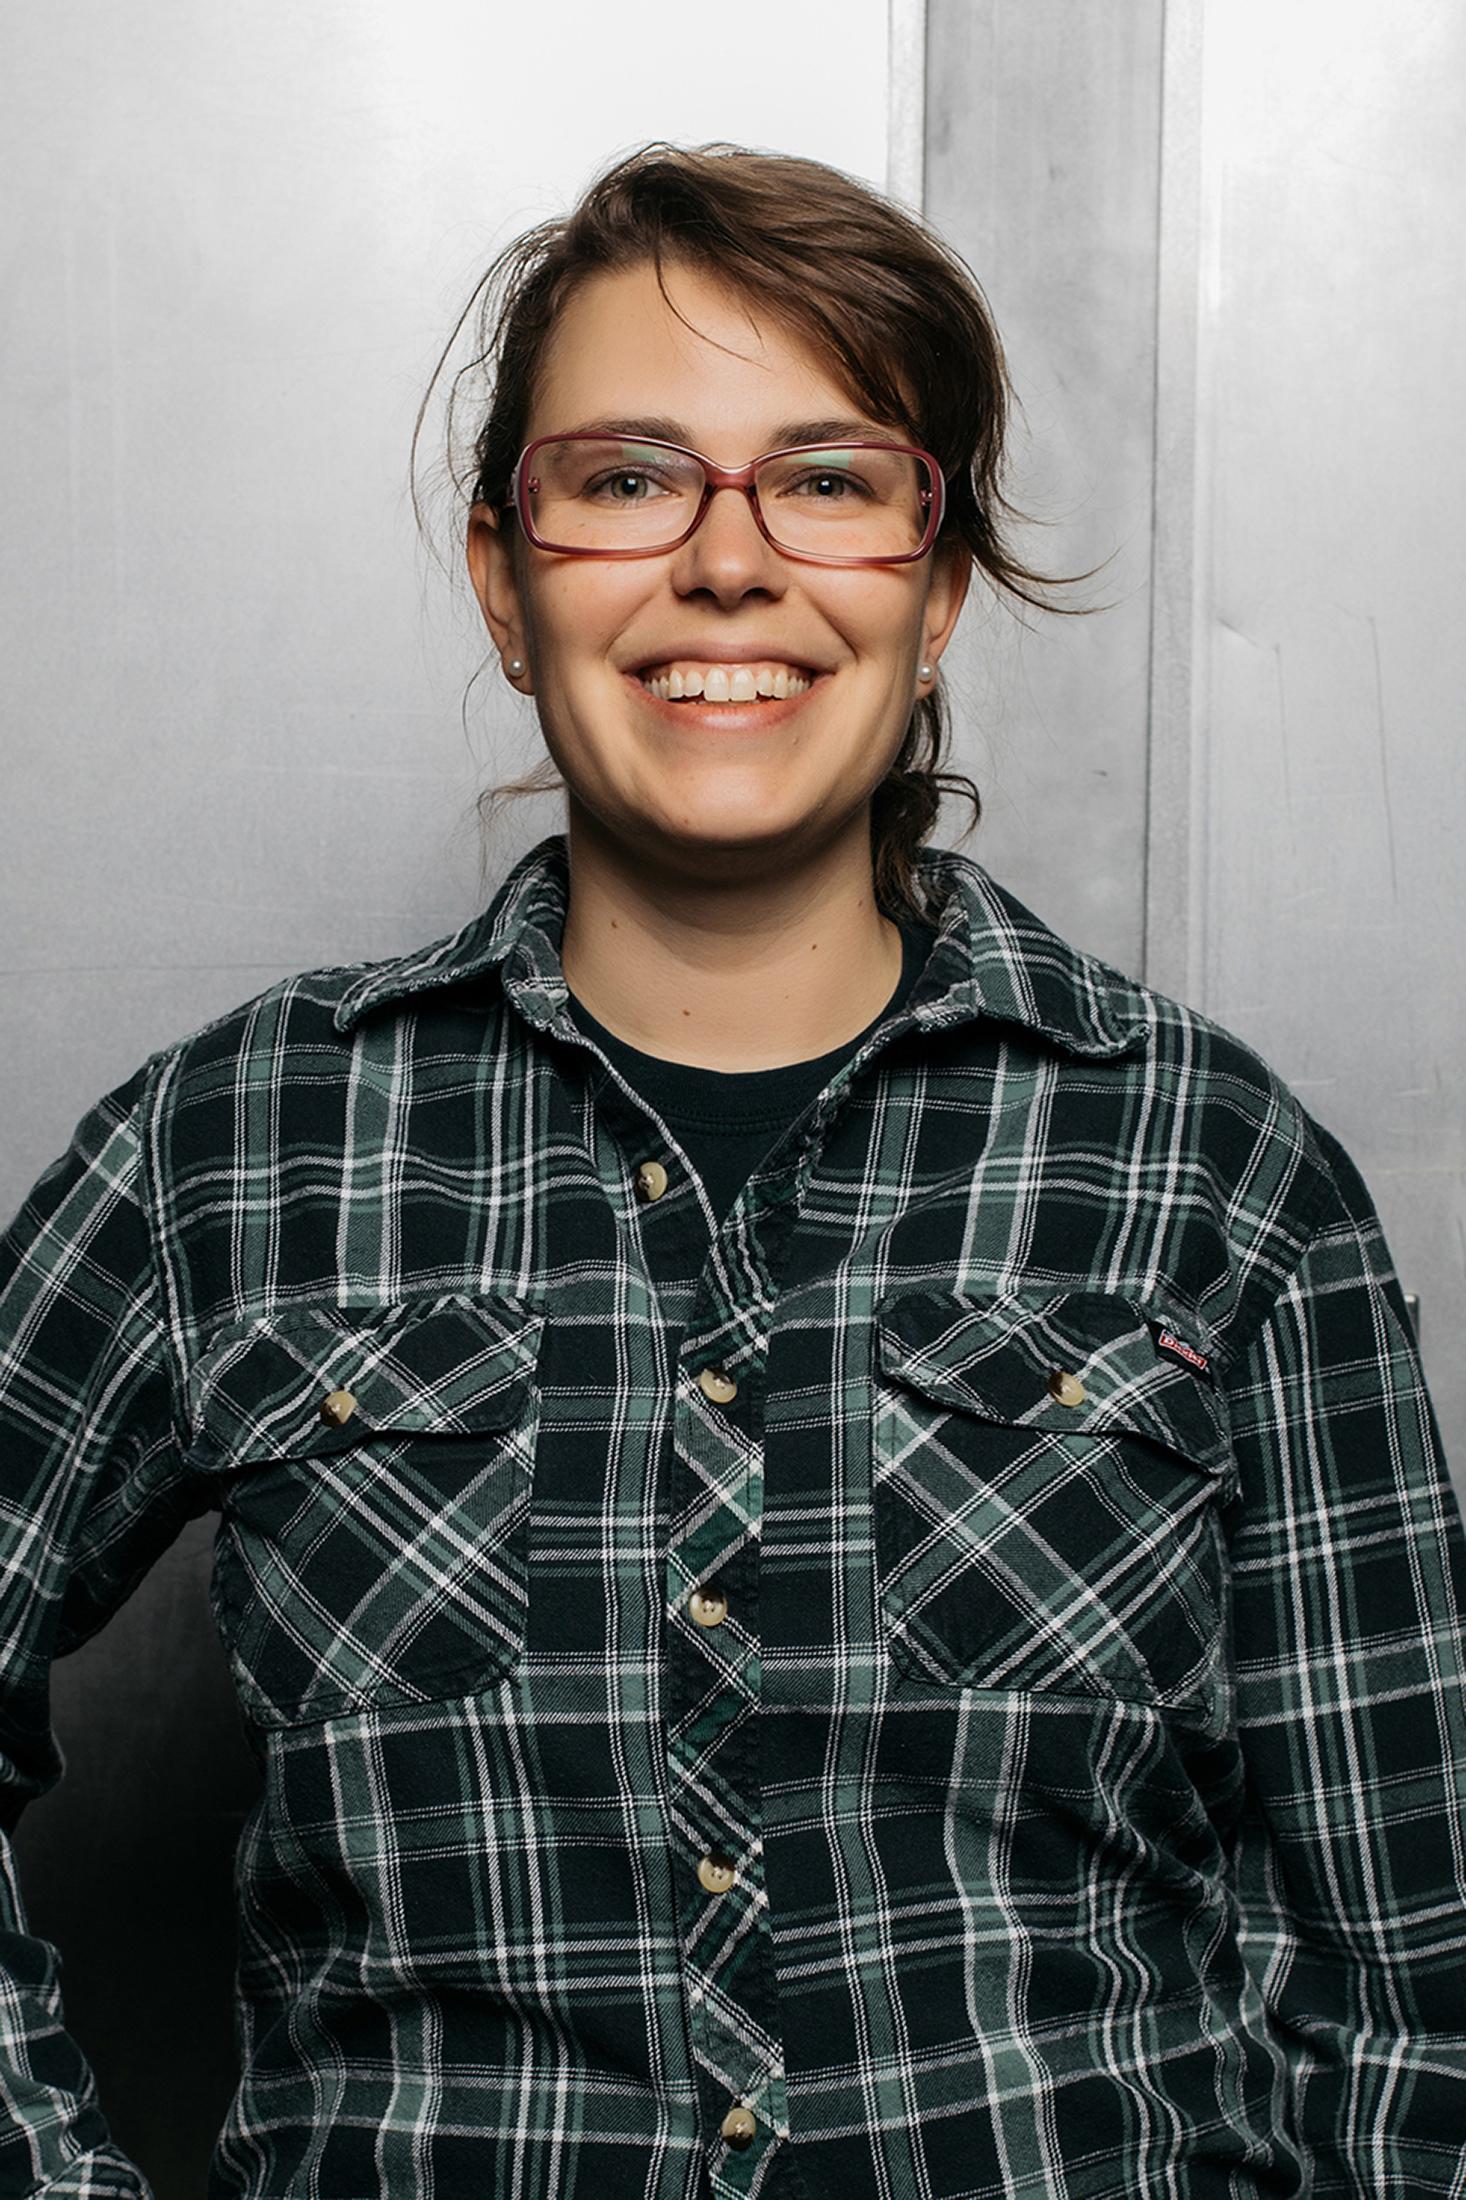 Connie Losvar